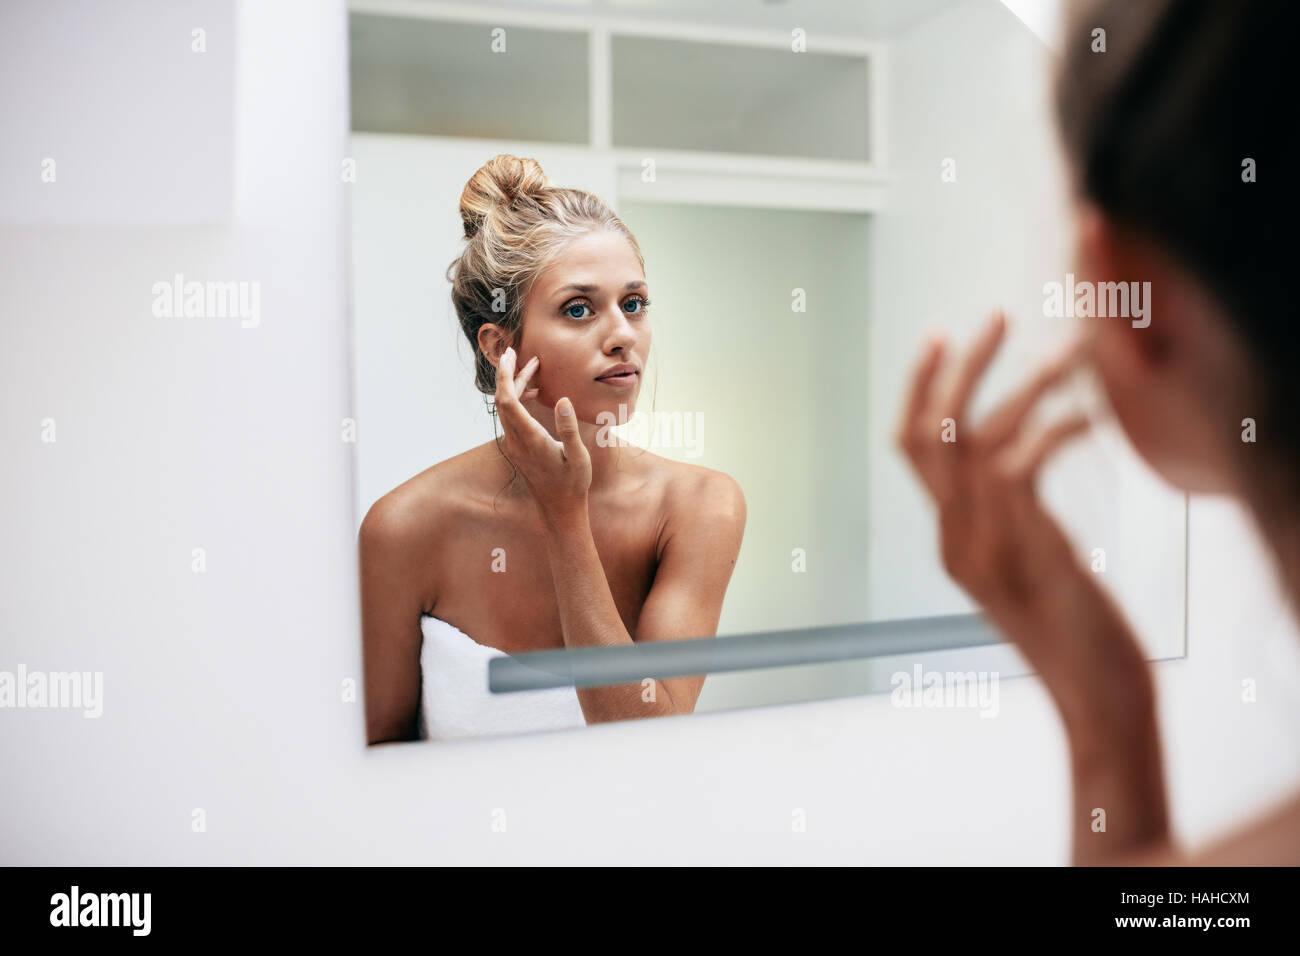 Schöne junge Frau steht im Badezimmer. Weibliche Blick in den Spiegel und berühren ihre Gesichtshaut. Stockfoto